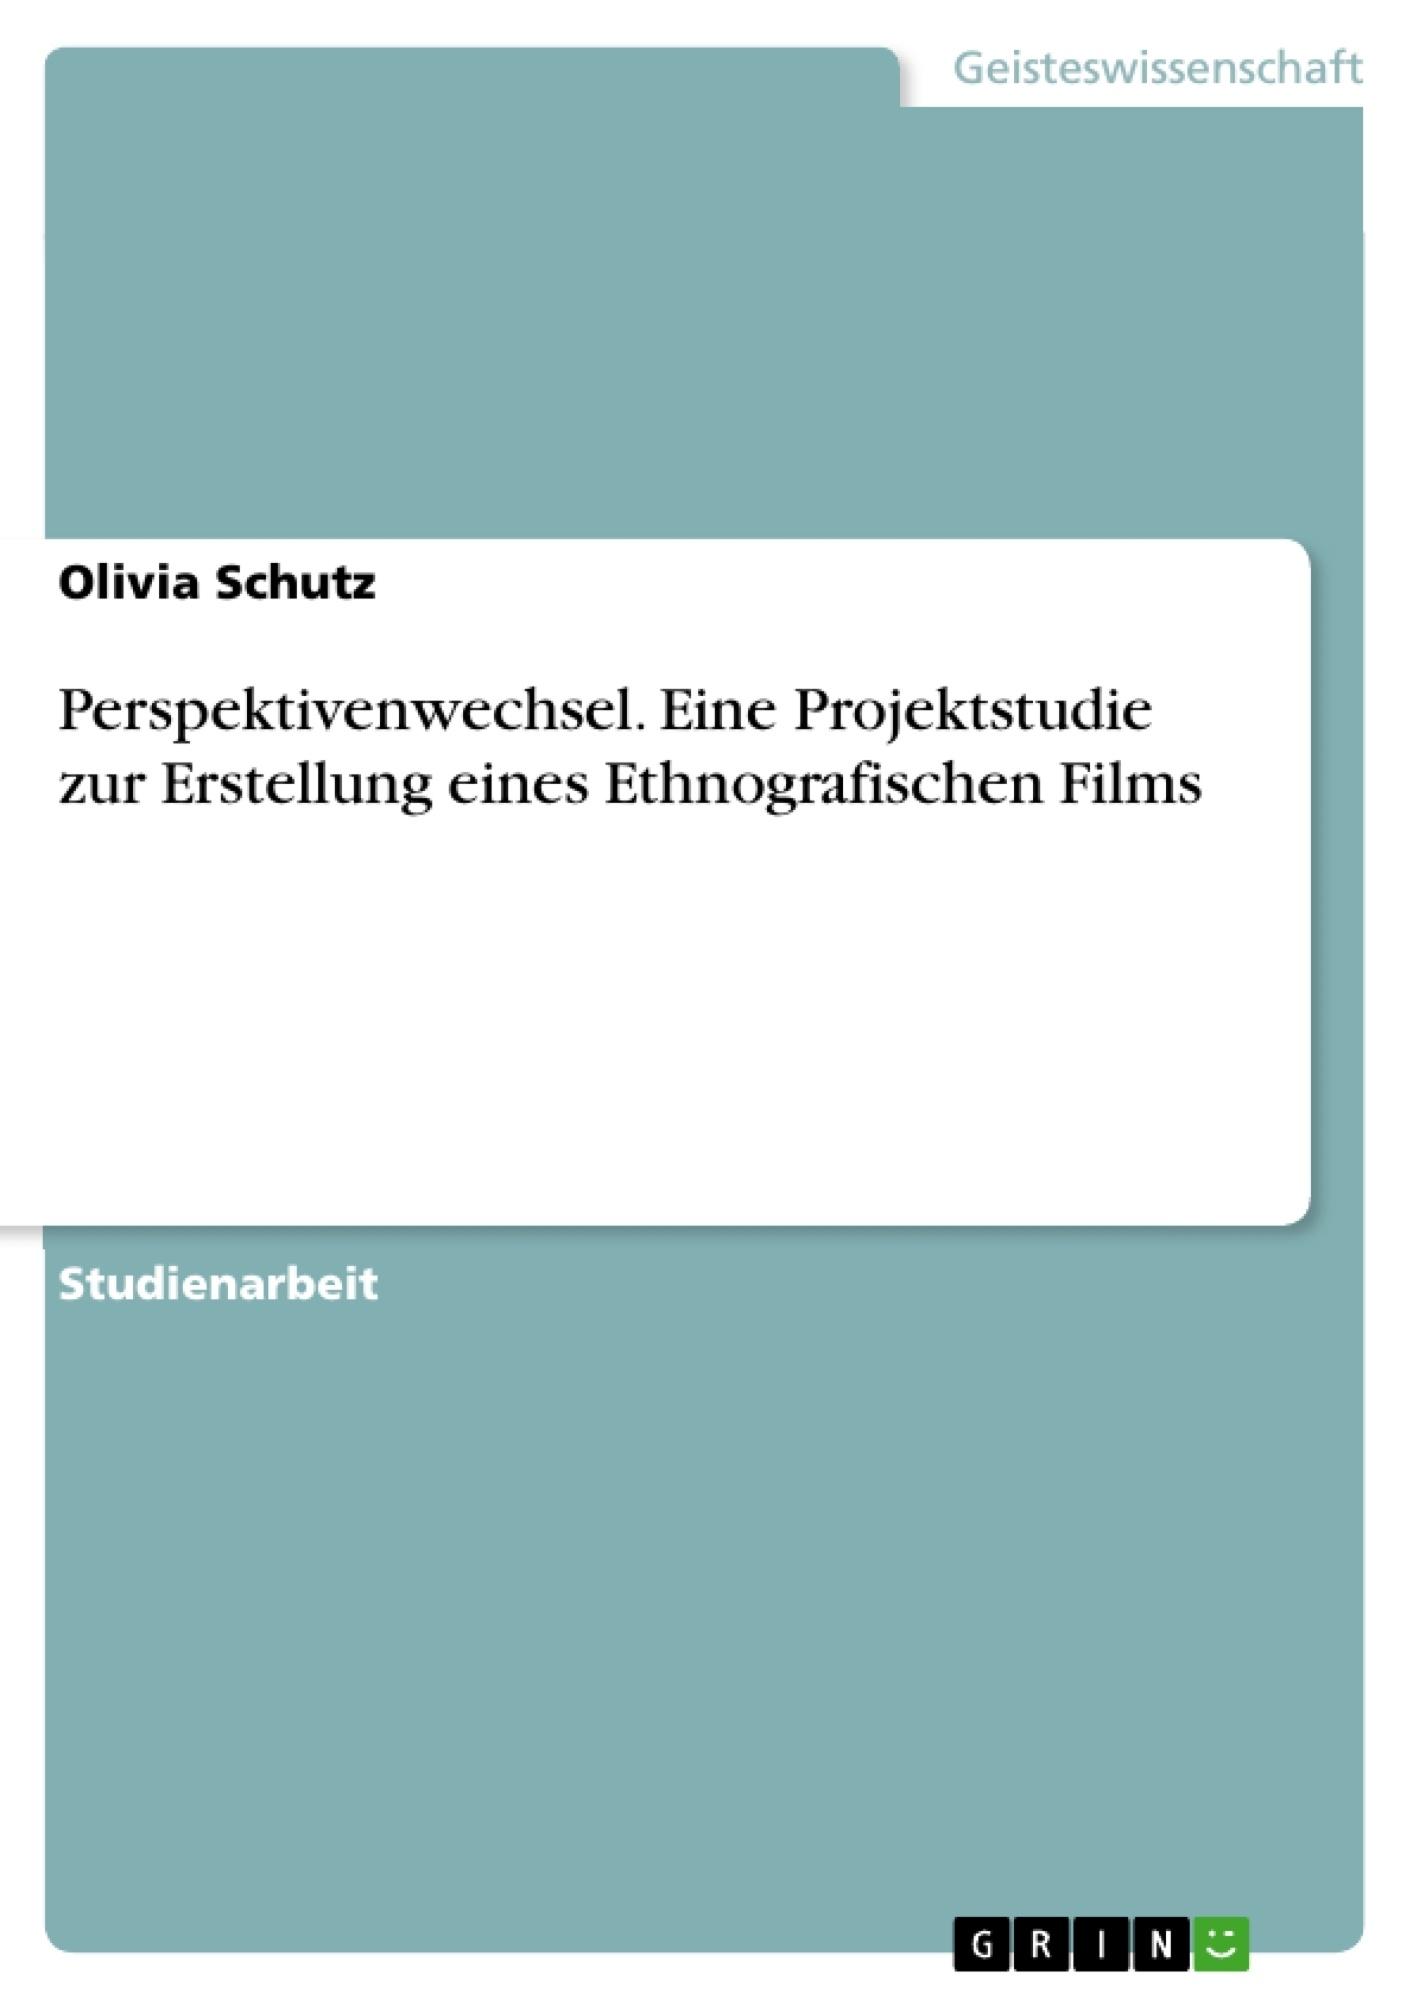 Titel: Perspektivenwechsel.  Eine Projektstudie zur Erstellung eines Ethnografischen Films